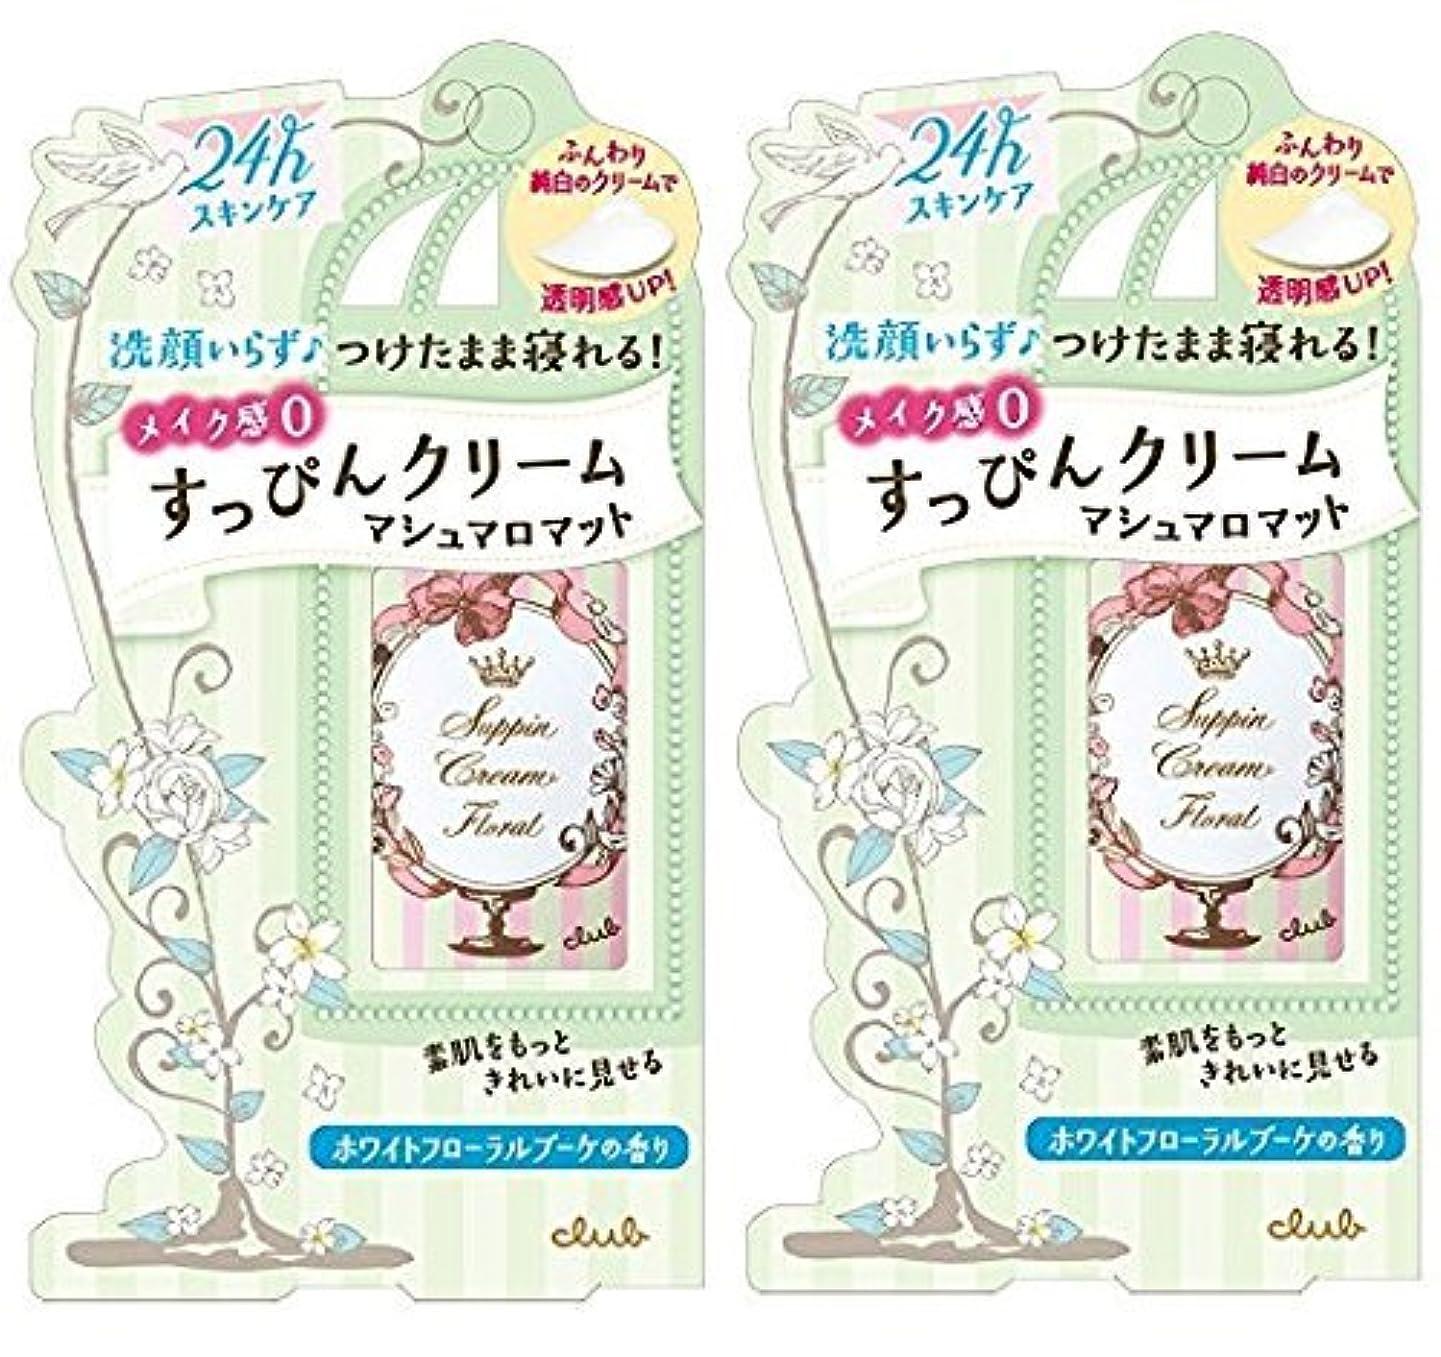 クラブ すっぴんクリーム マシュマロマット ホワイトフローラルブーケの香り×2セット